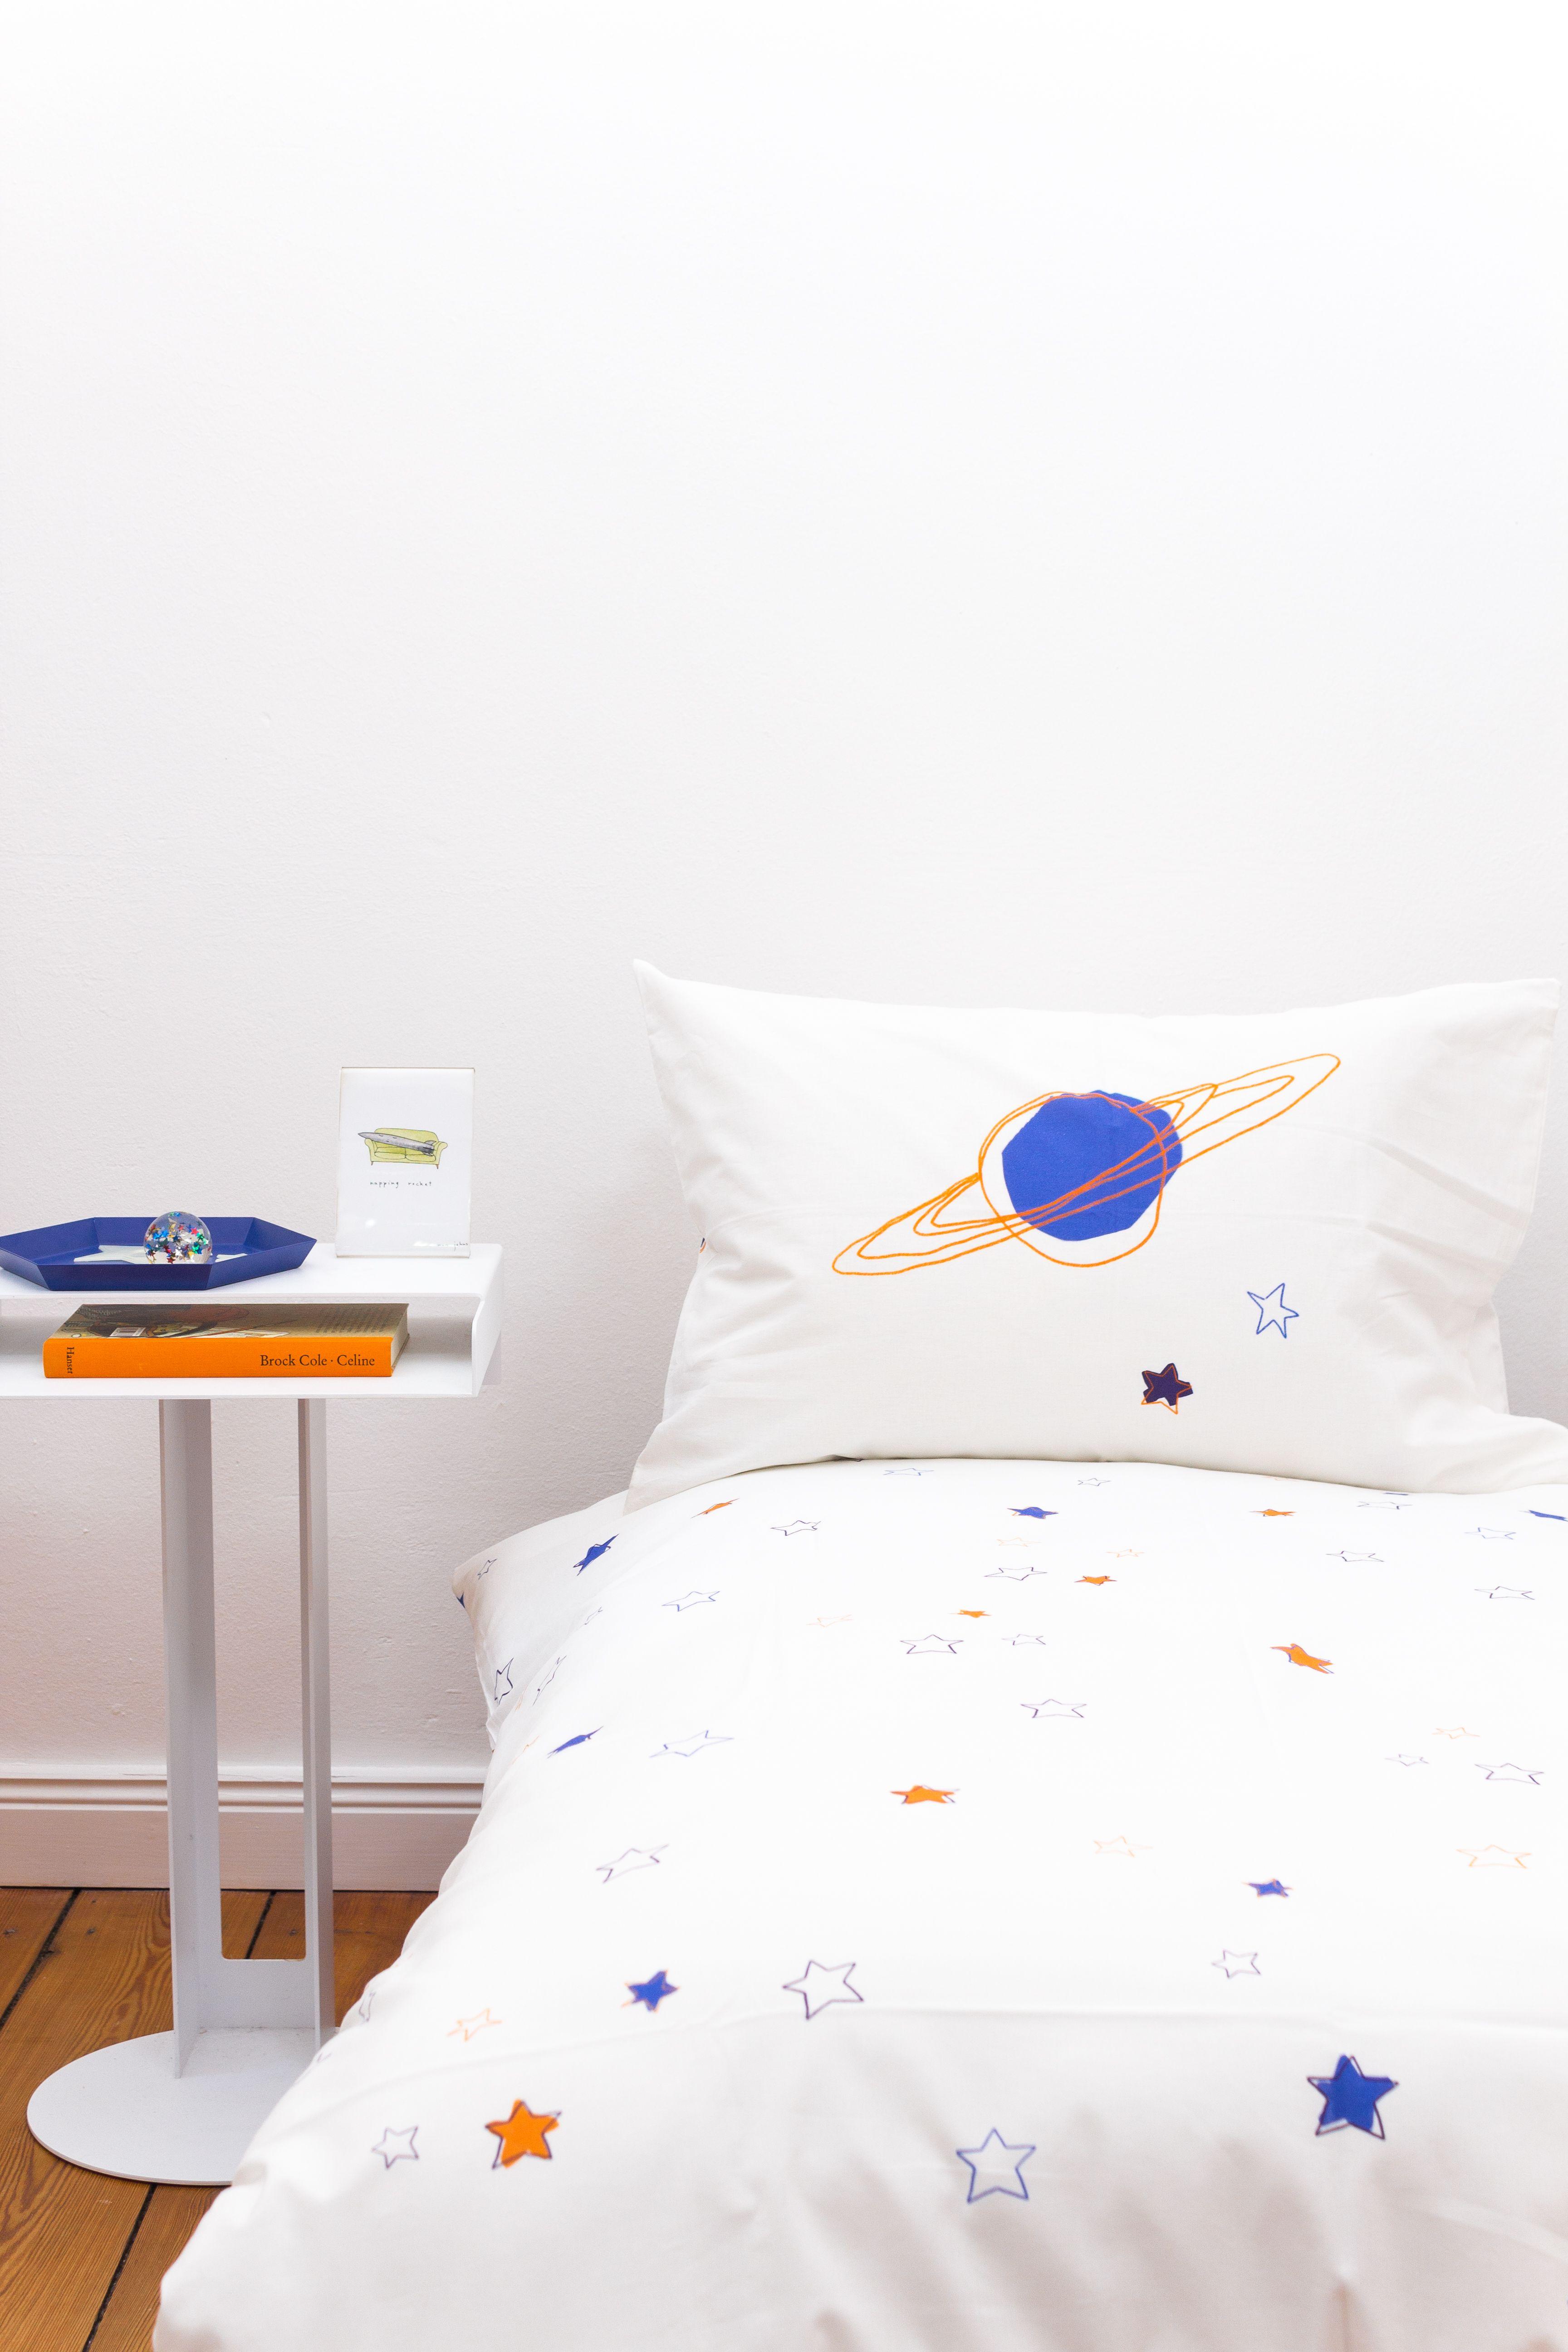 Die Besten Ideen Das Kinderbett Zu Dekorieren Wir Haben Kreative